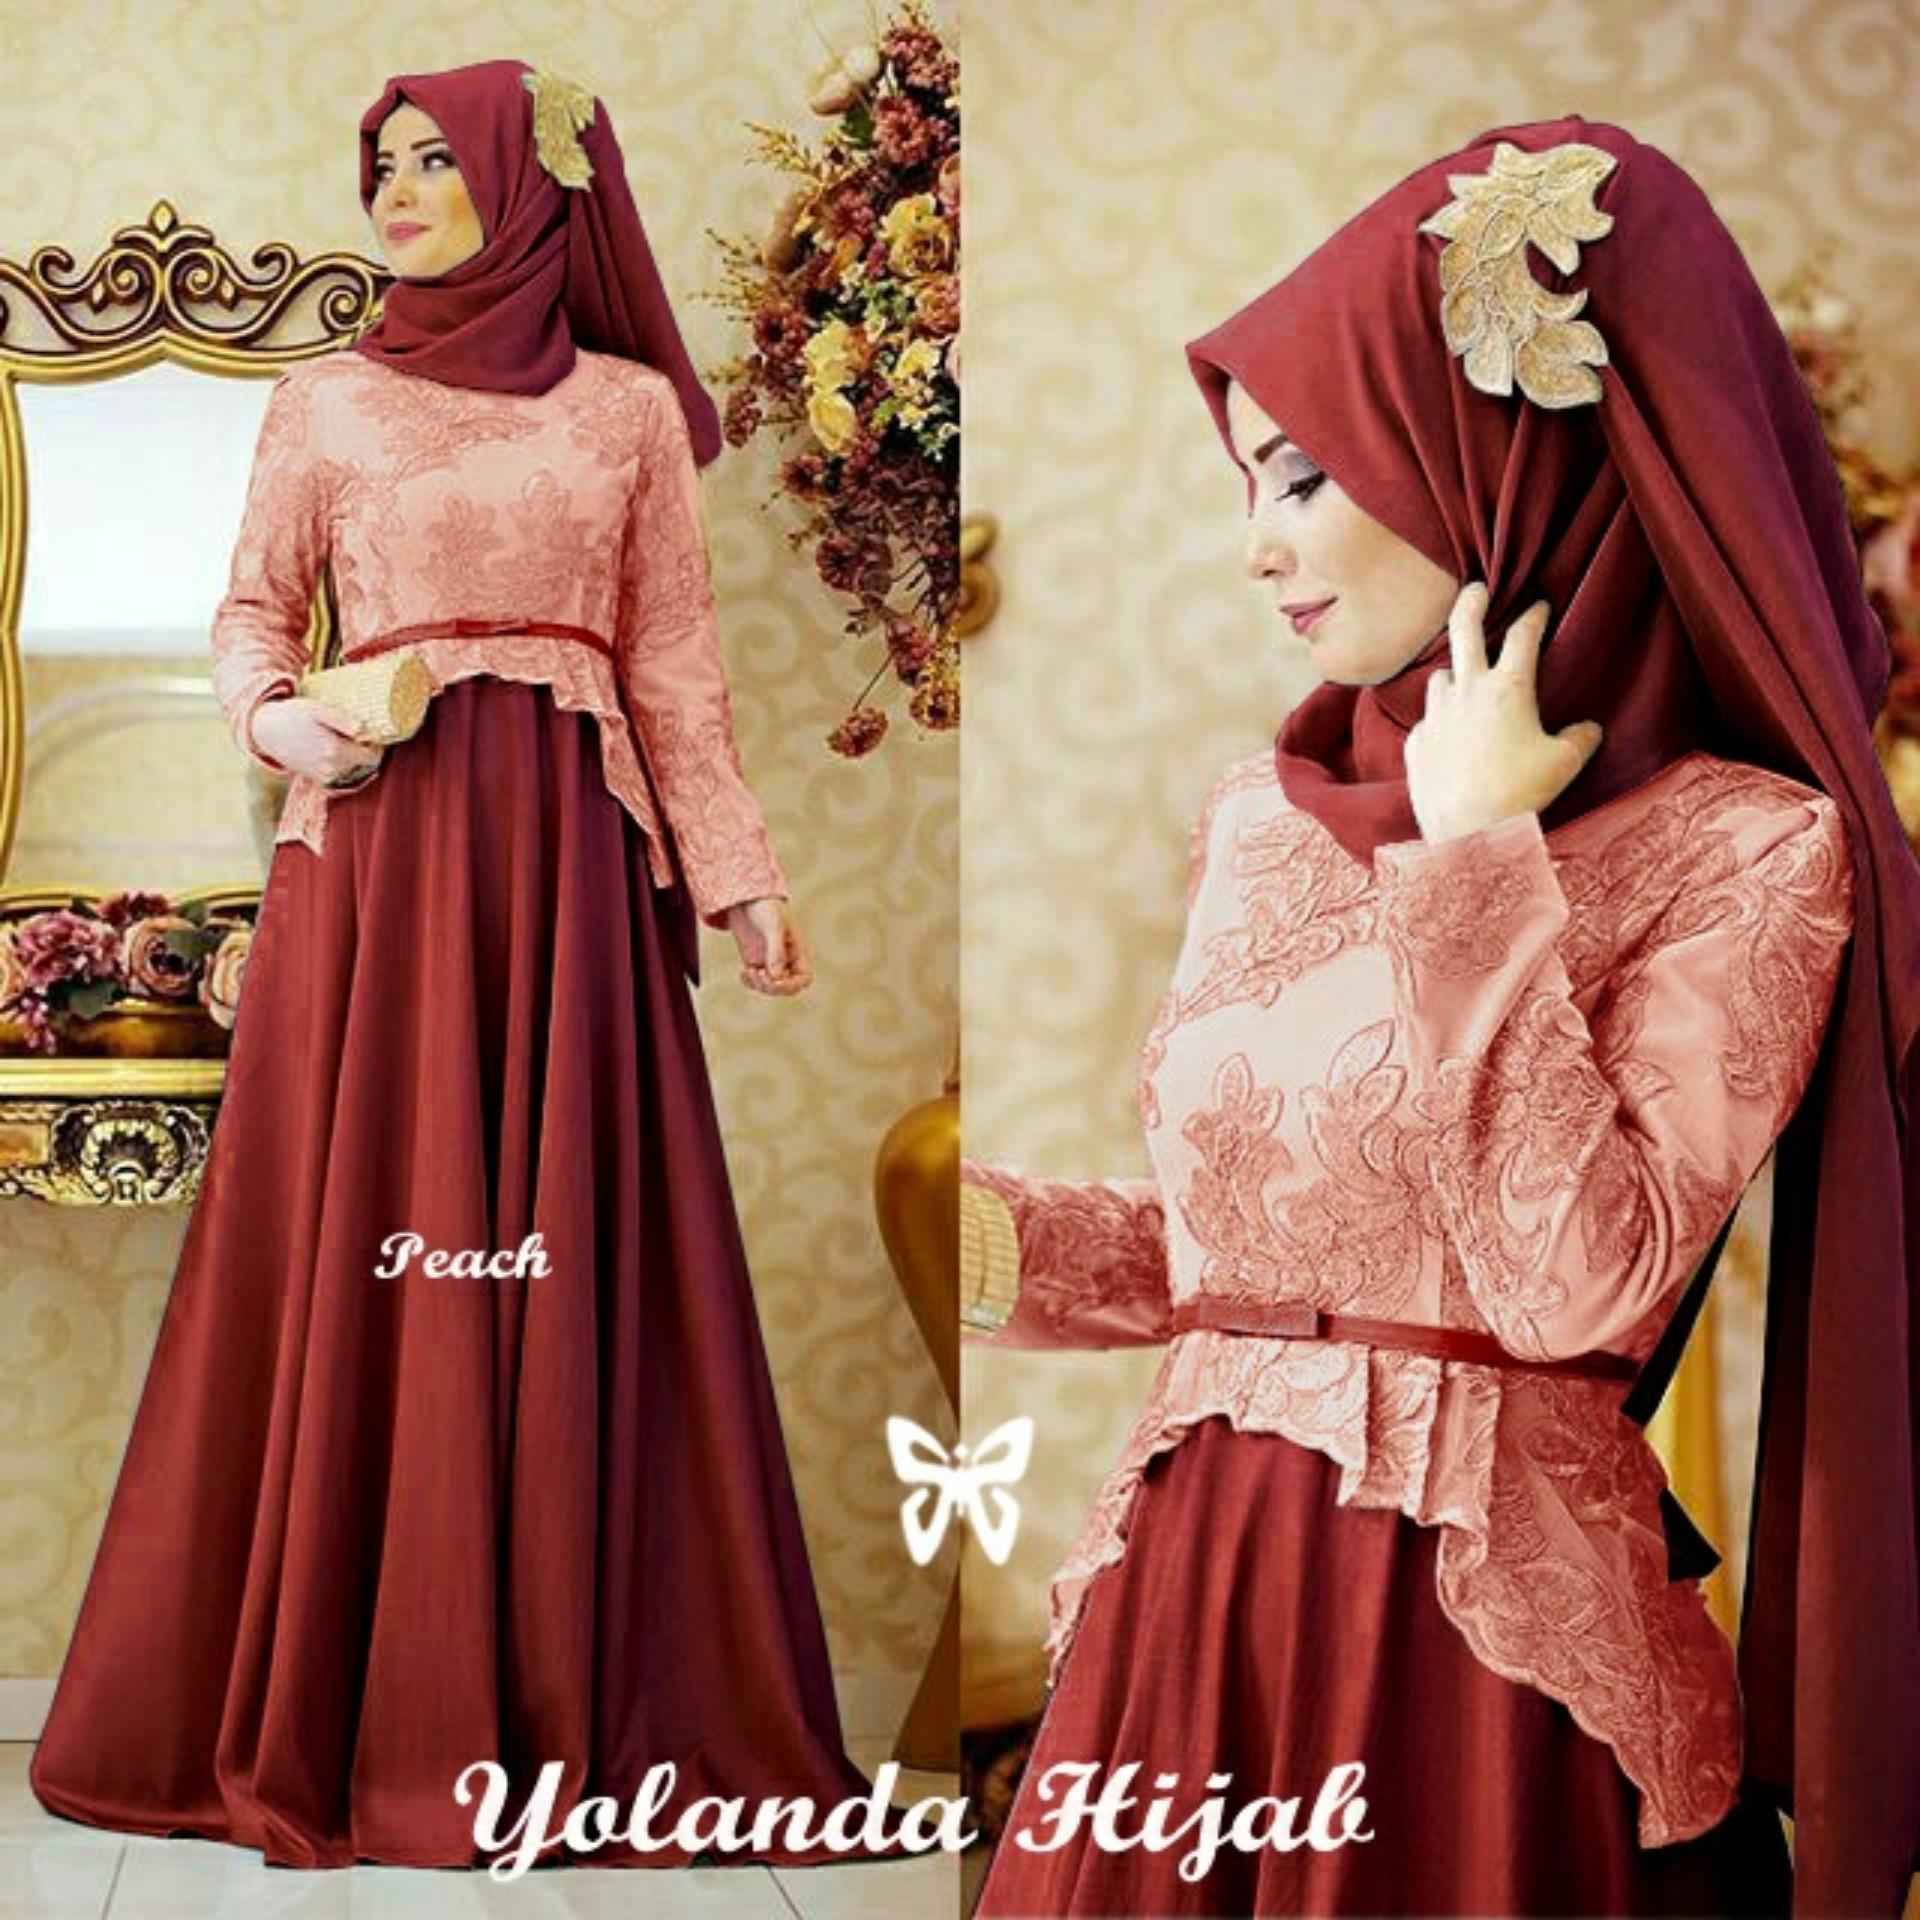 [Best Seller] Dress Gamis Remaja Muslimah  Amirah / Hijab Muslim / Muslim Syari Syar'i Hijab  / Busana Muslim Wanita / Kebaya Modern (landayo) SS - Peach Maroon D2C